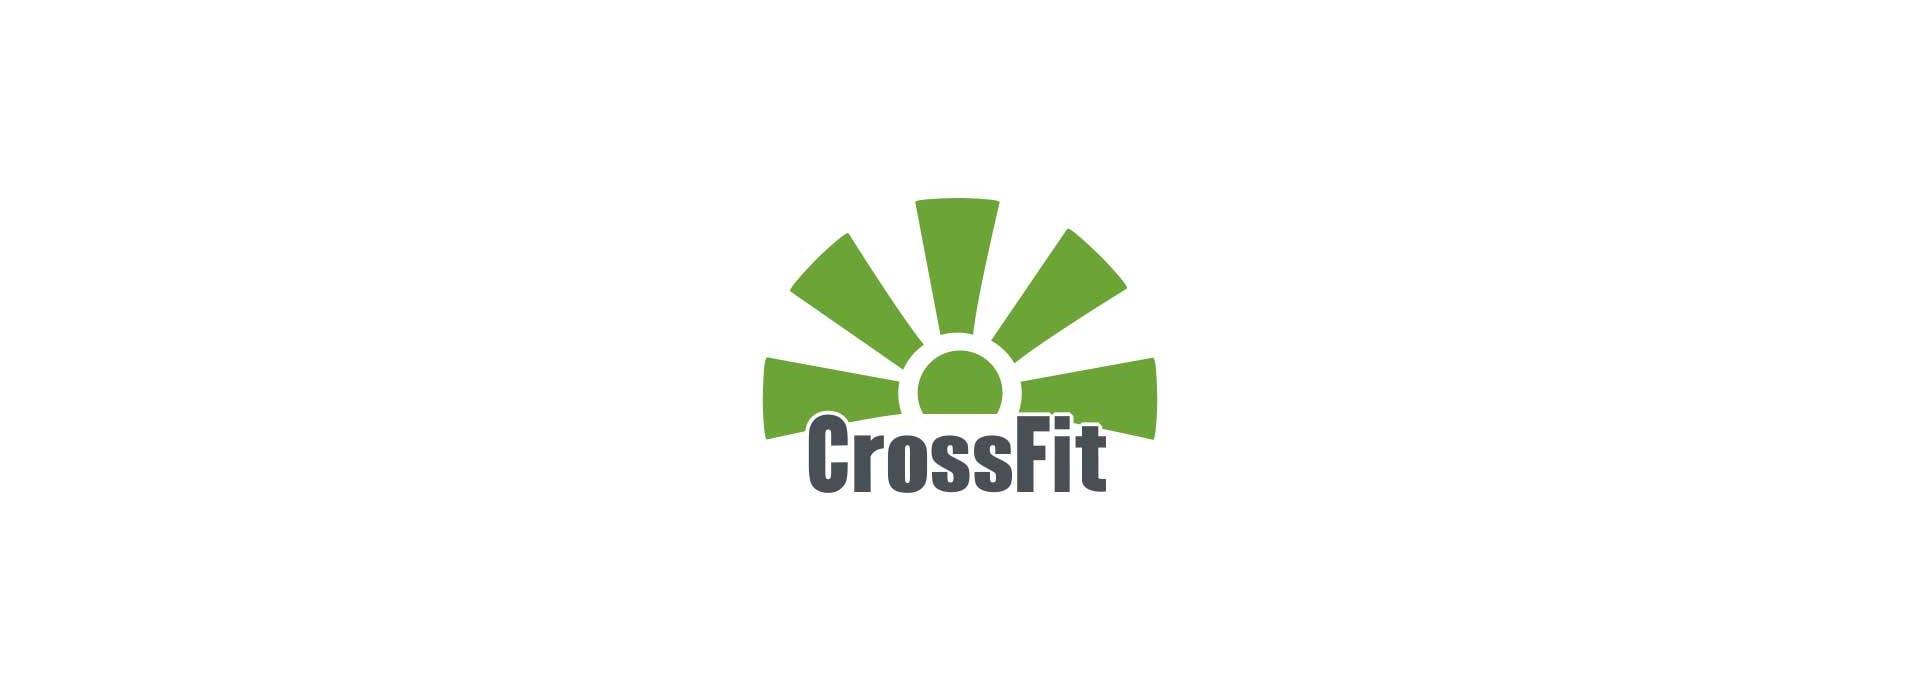 crossfit logo designer brescia